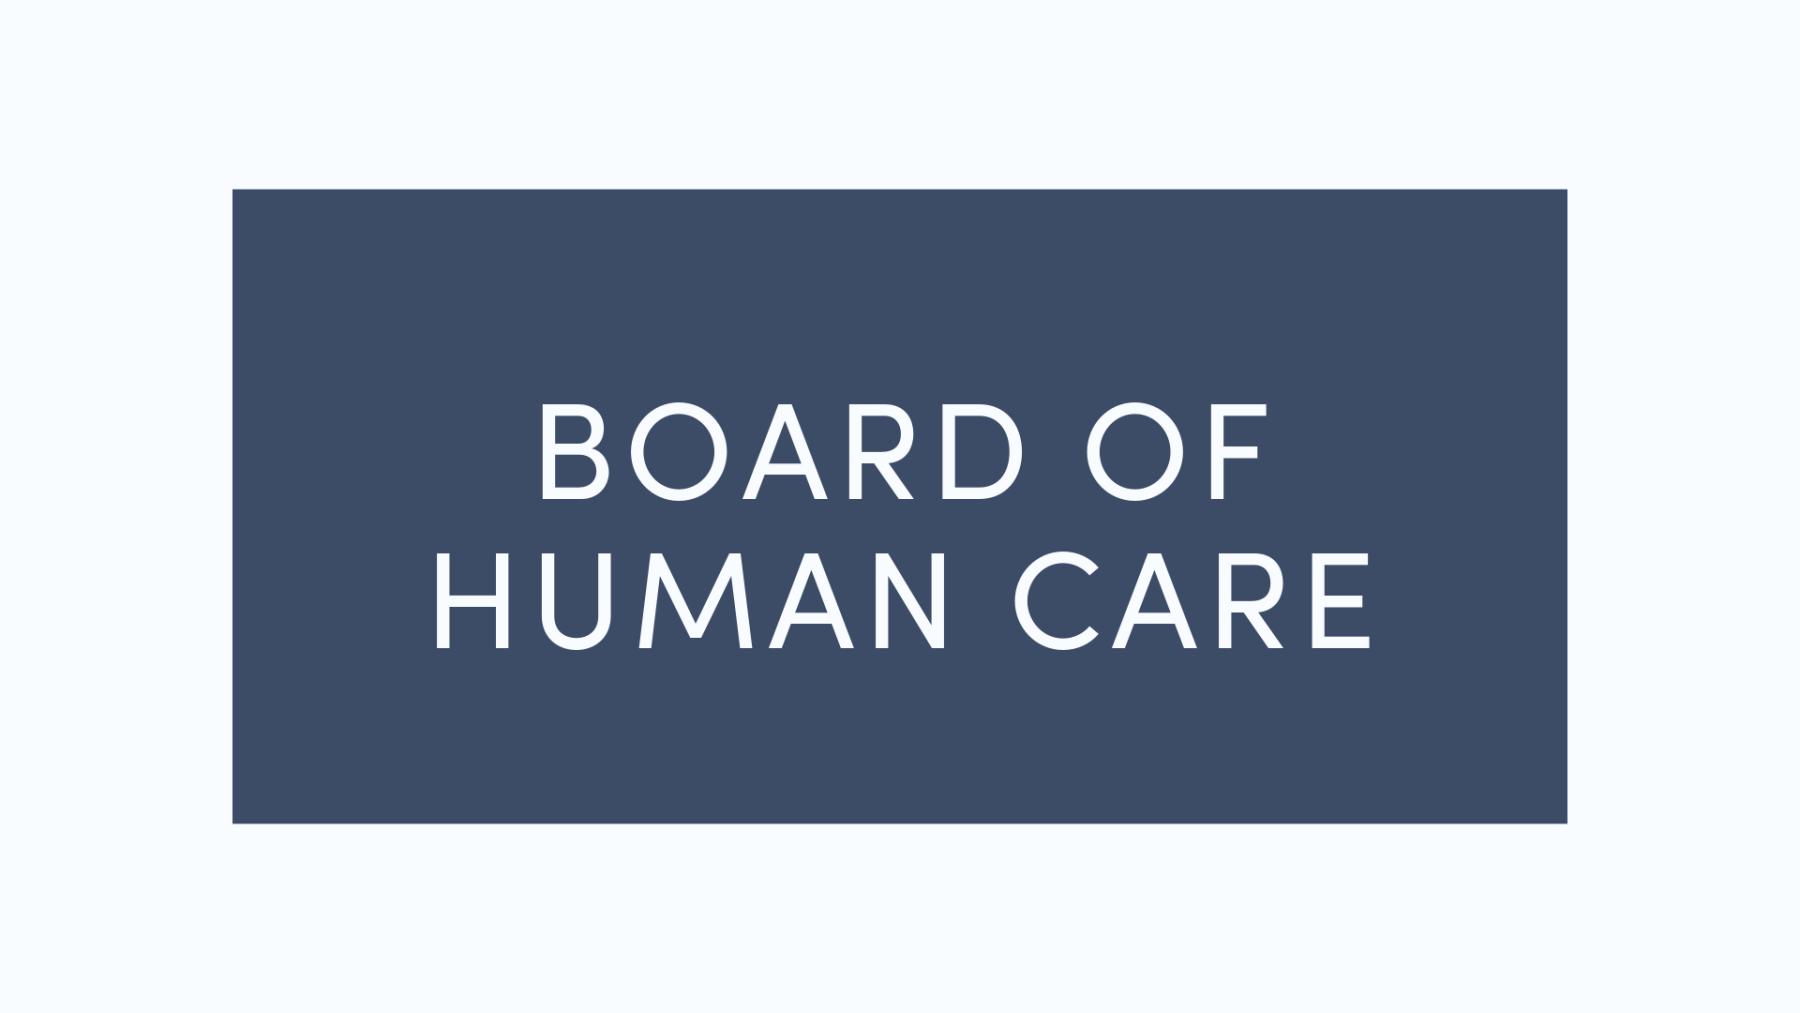 Board of Human Care